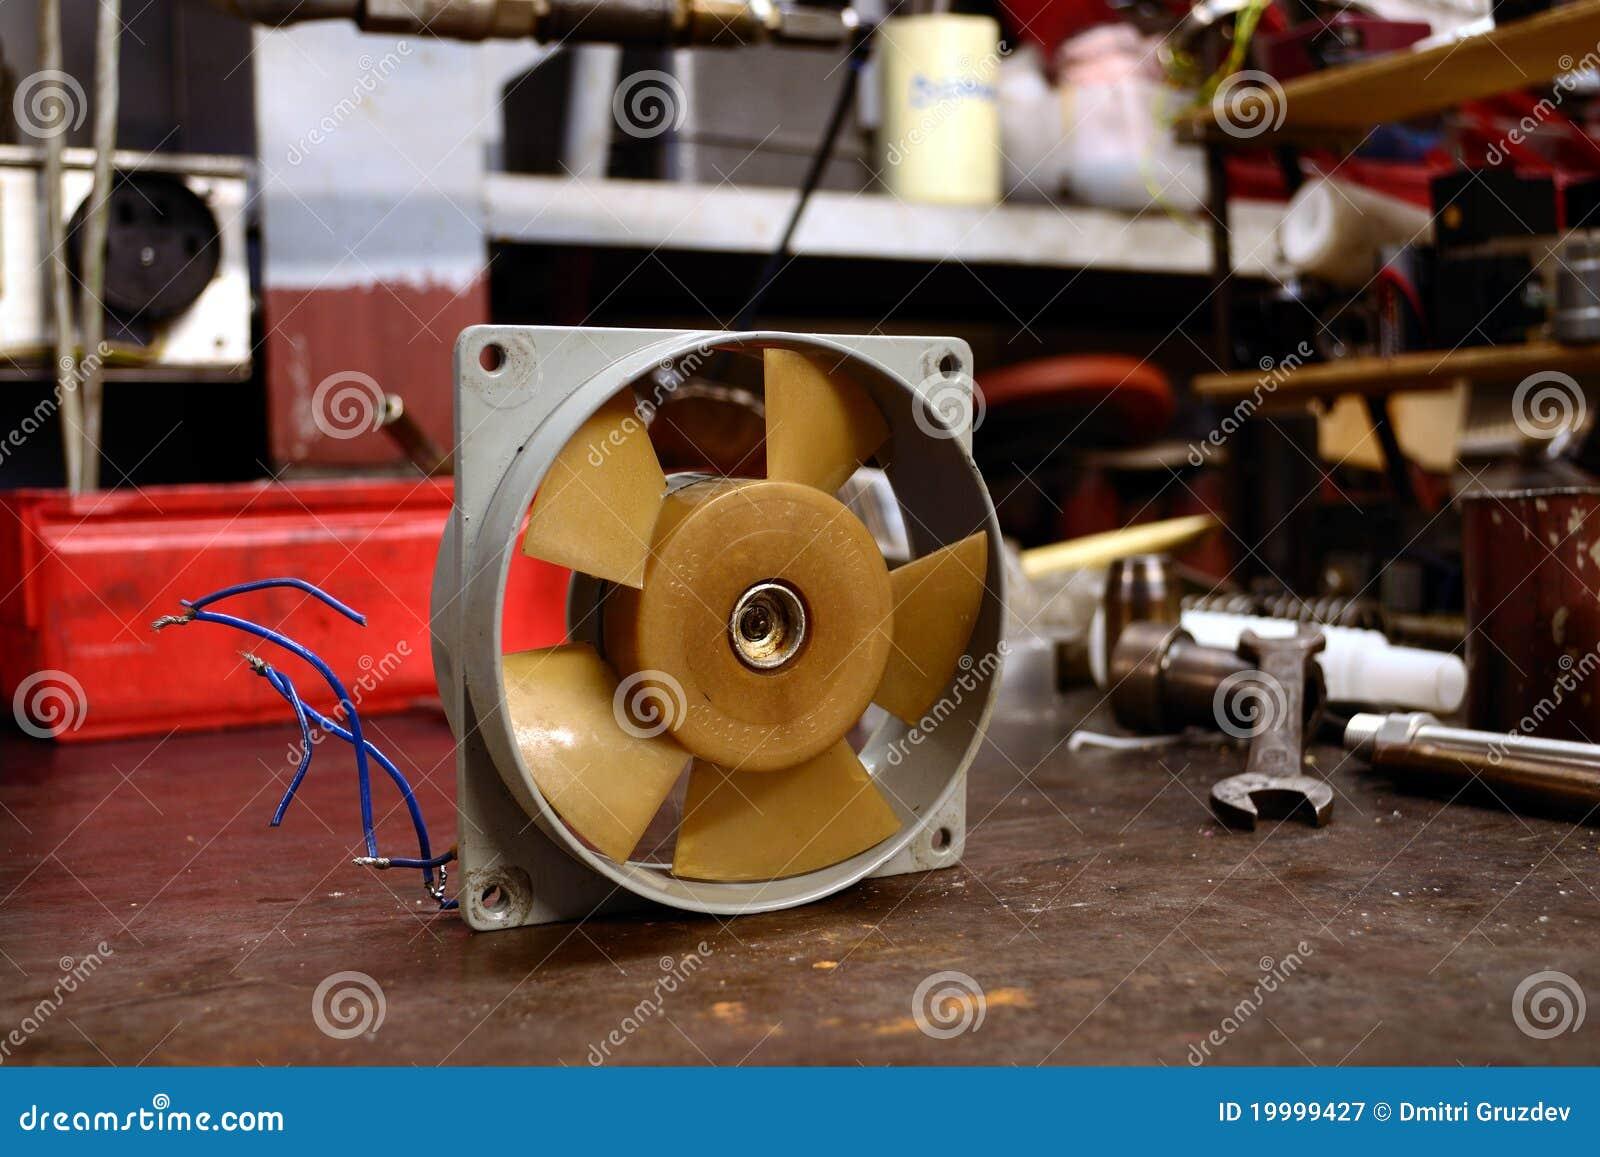 Refrigerador velho do ventilador.